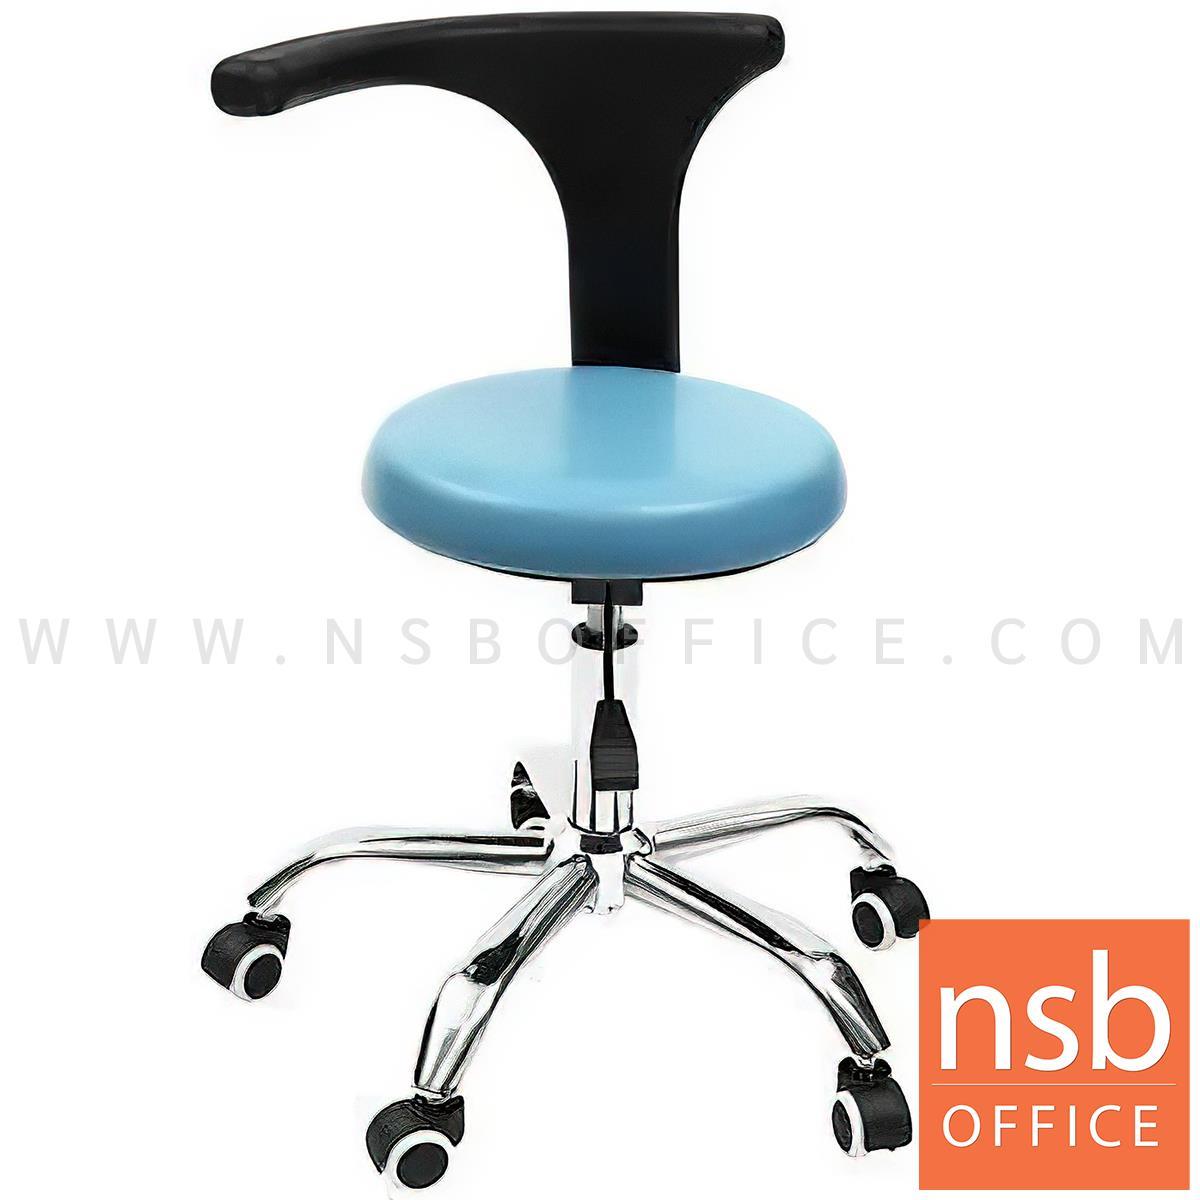 B09A205:เก้าอี้หมอฟัน ทันตแพทย์ รุ่น Arken (อาร์เคน) พนักพิงหมุนได้รอบตัว ขาอลูมิเนียม